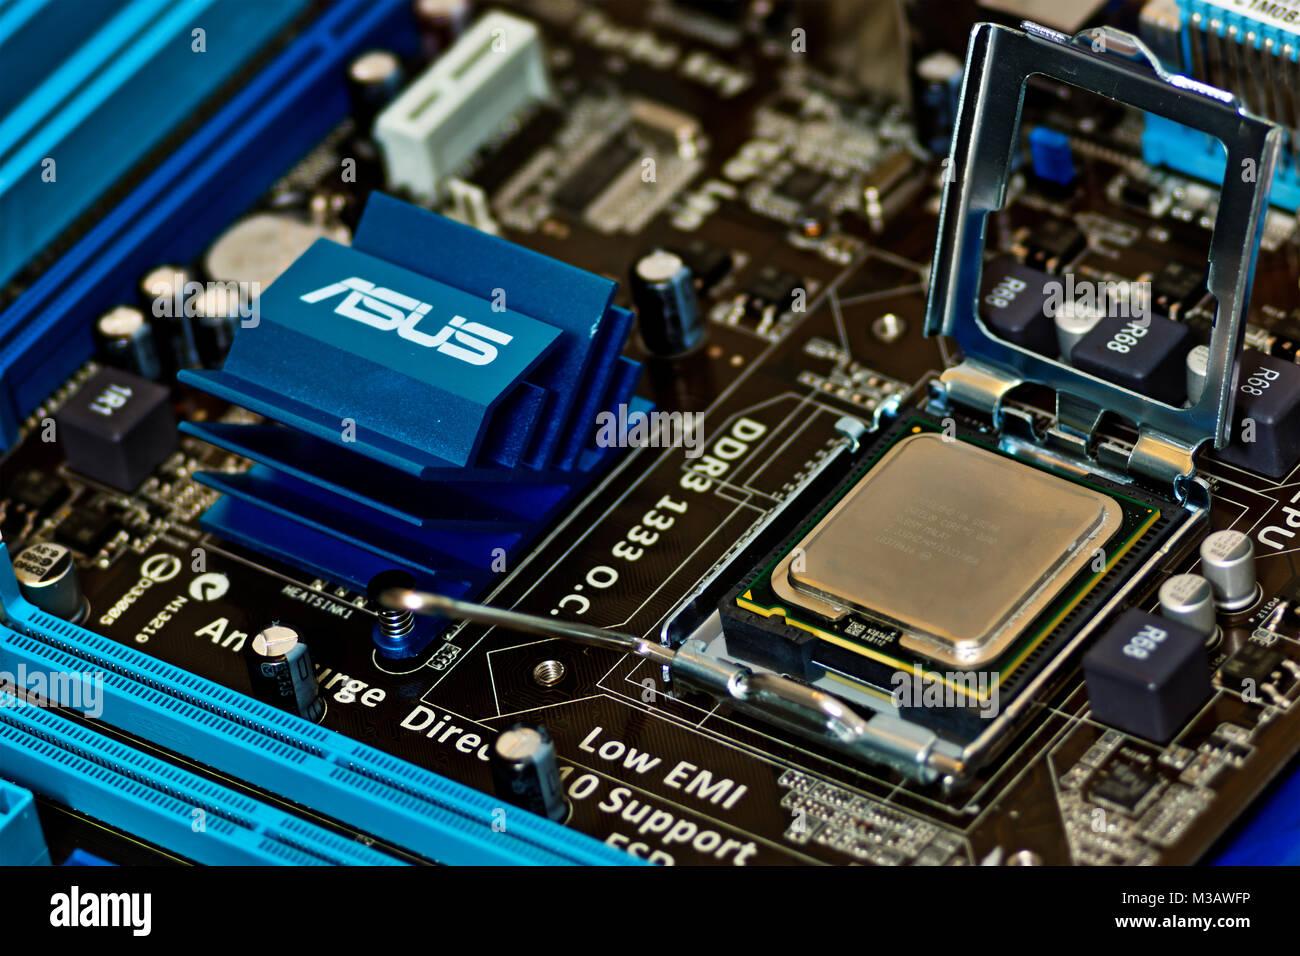 Geöffneter LGA775 CPU Sockel (Land Grid Array) mit eingelegter CPU,  Prozessorsockel für Intel-Prozessoren der Pentium Stock Photo